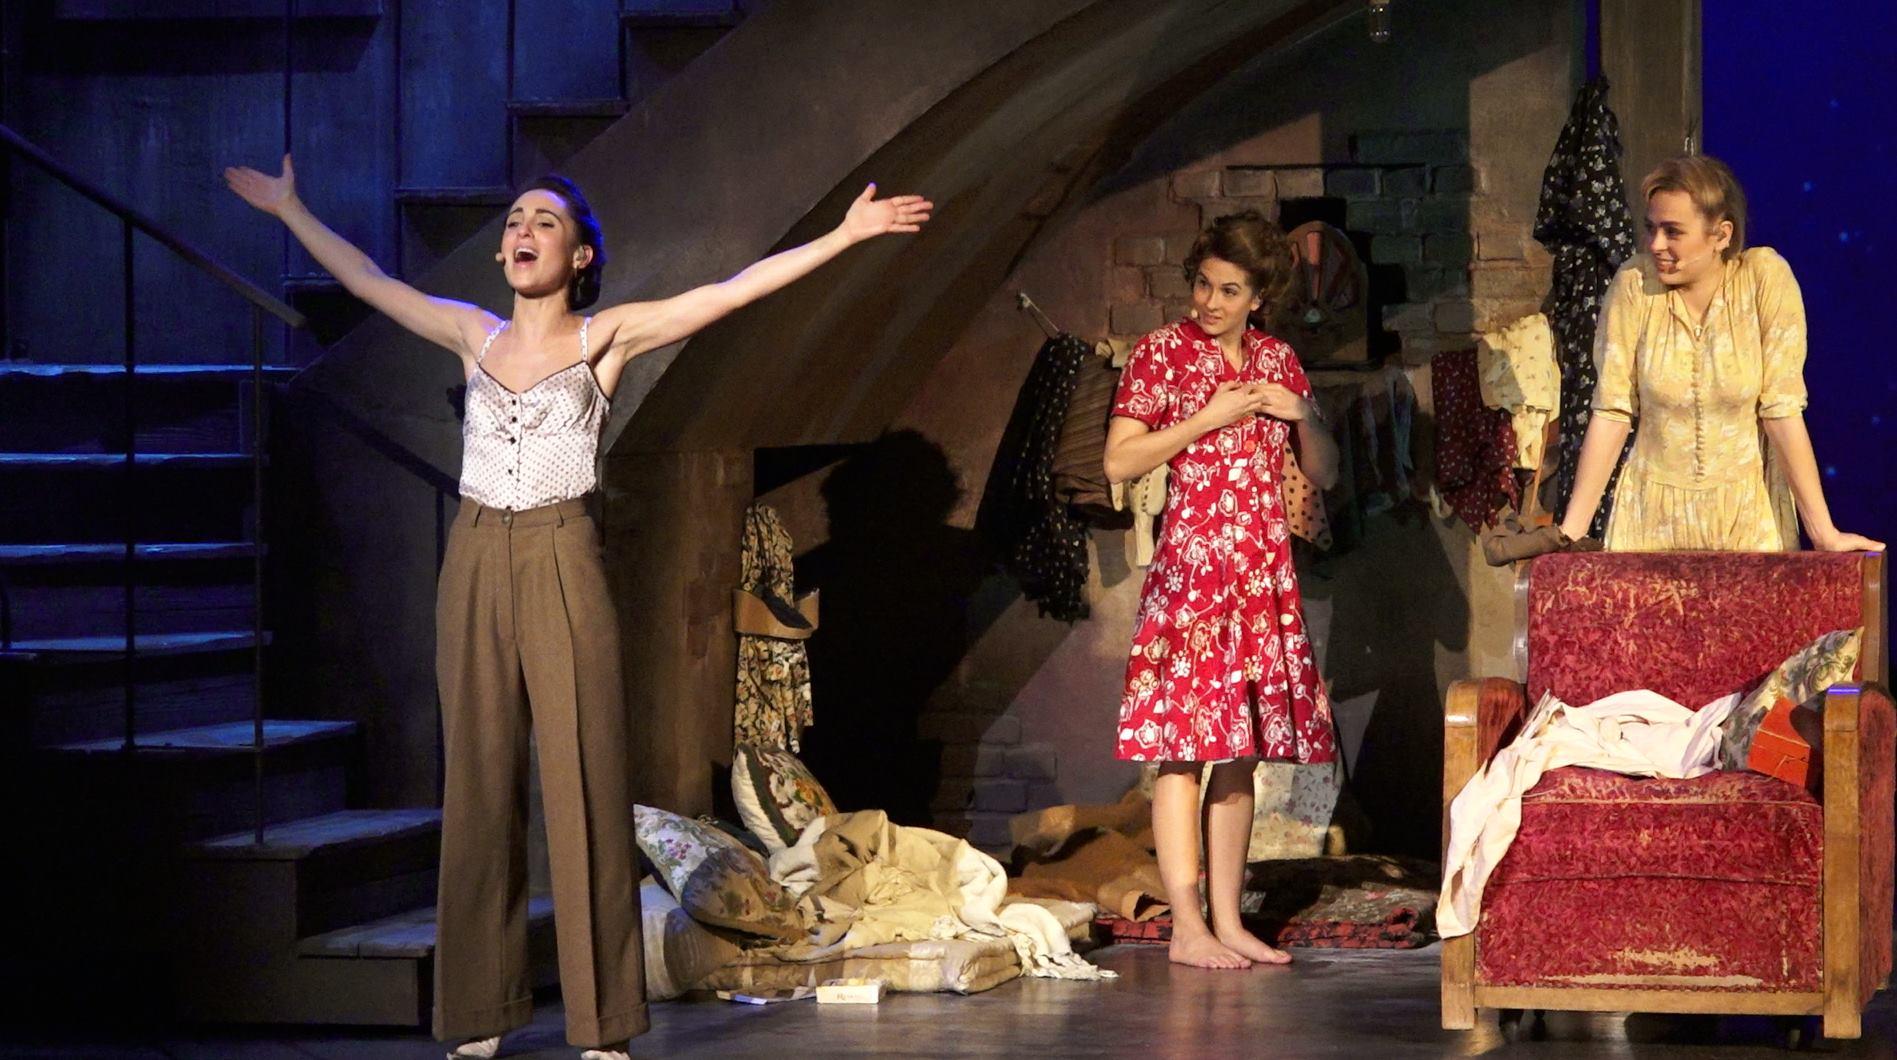 Un été 44, la comédie musicale : les filles cachées à Caen